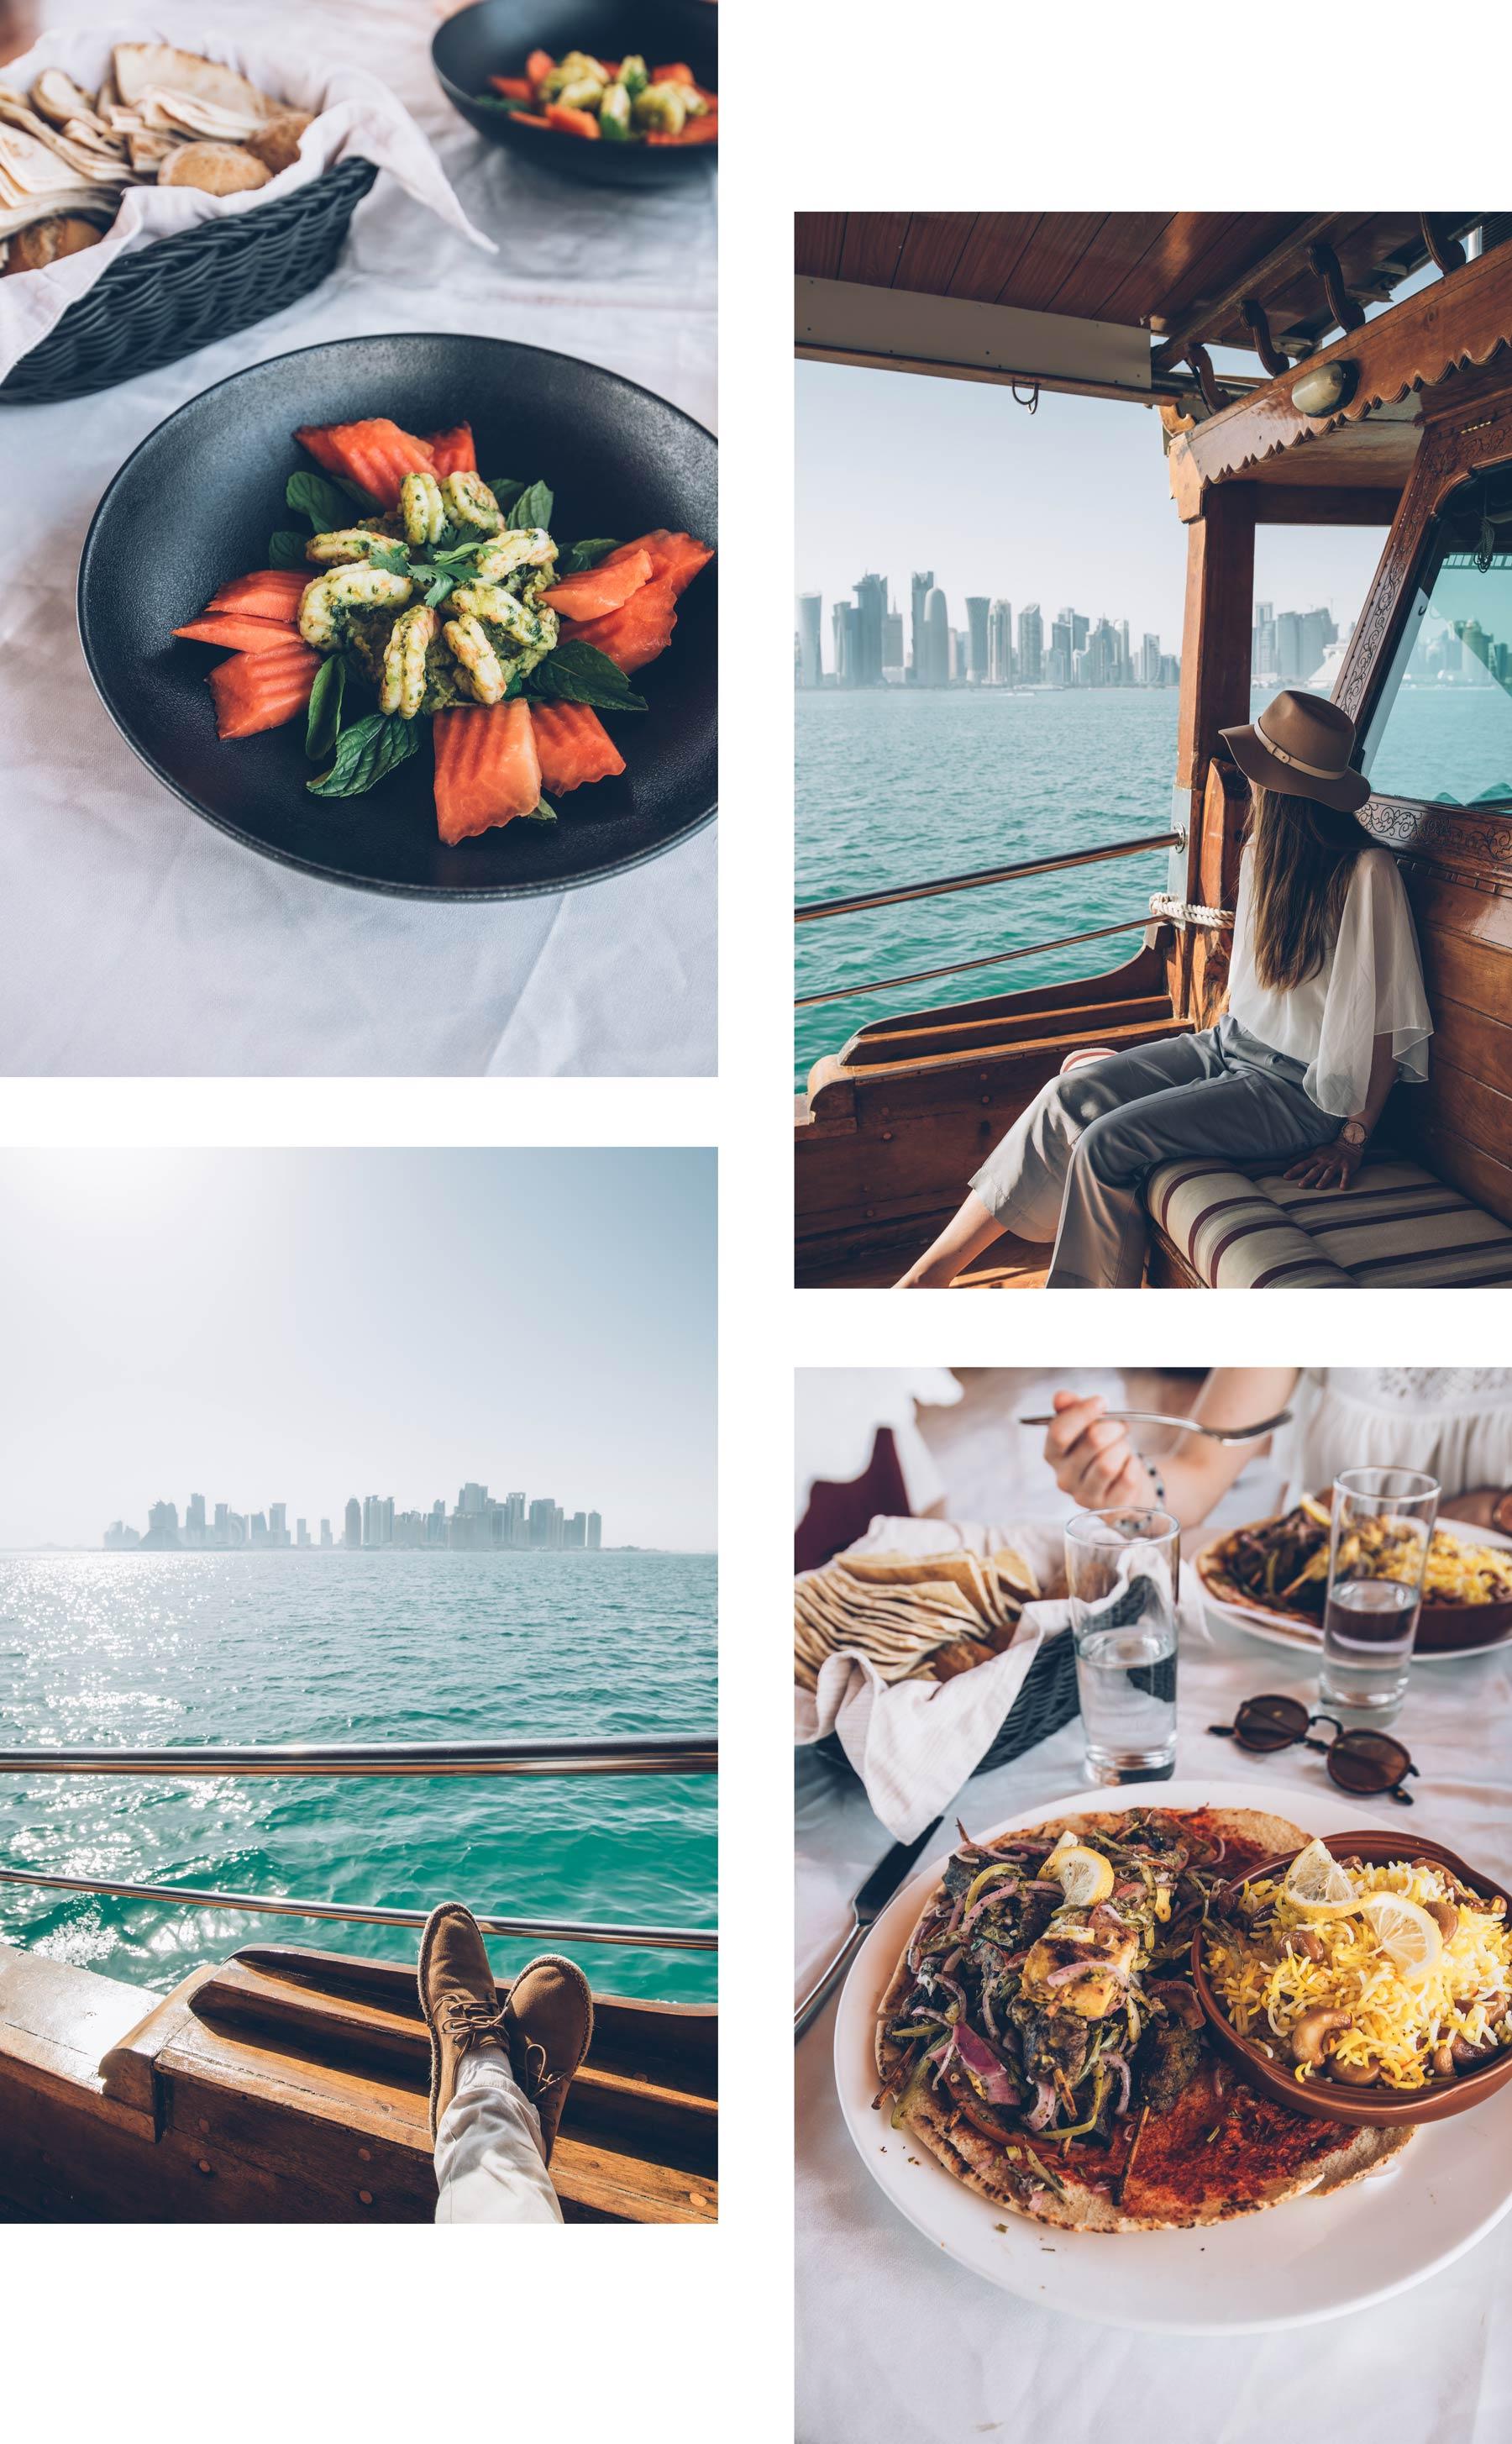 Manger sur un bateau traditionnel au Qatar, Doha